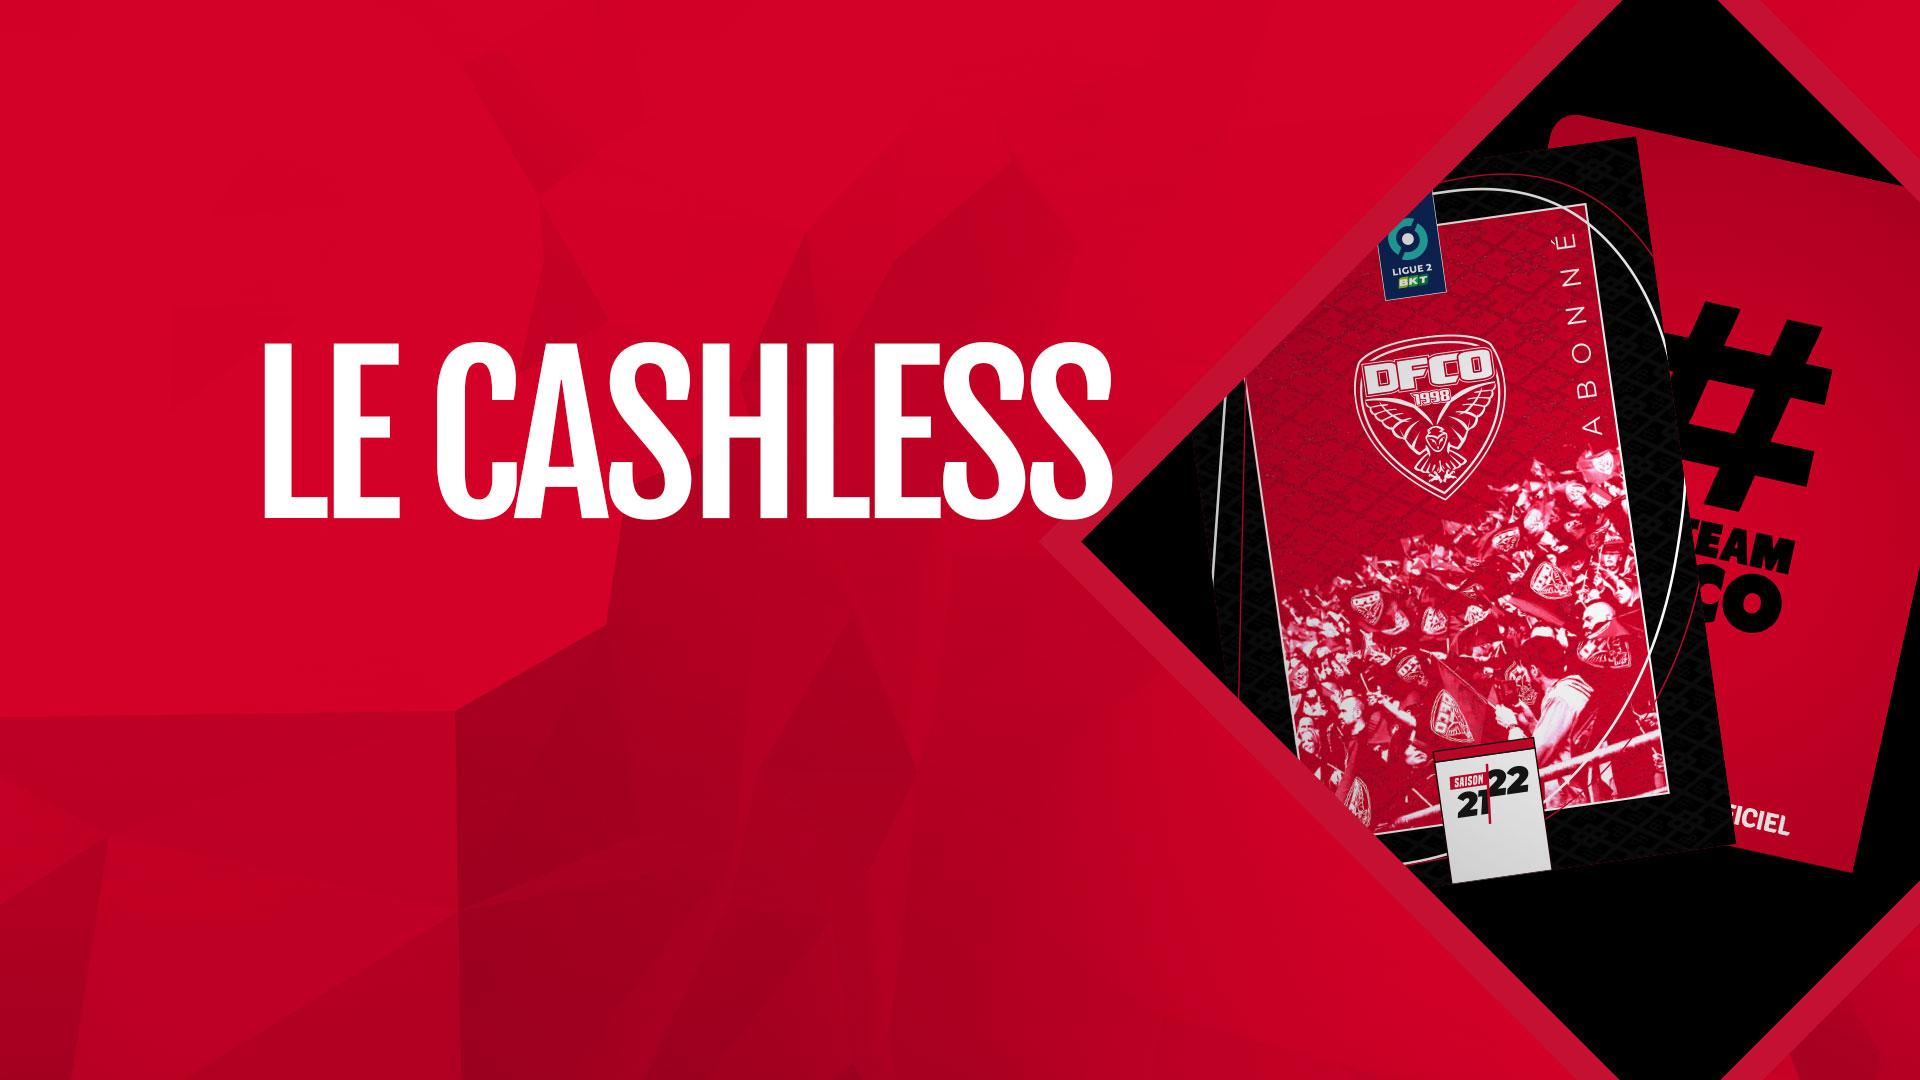 Le cashless